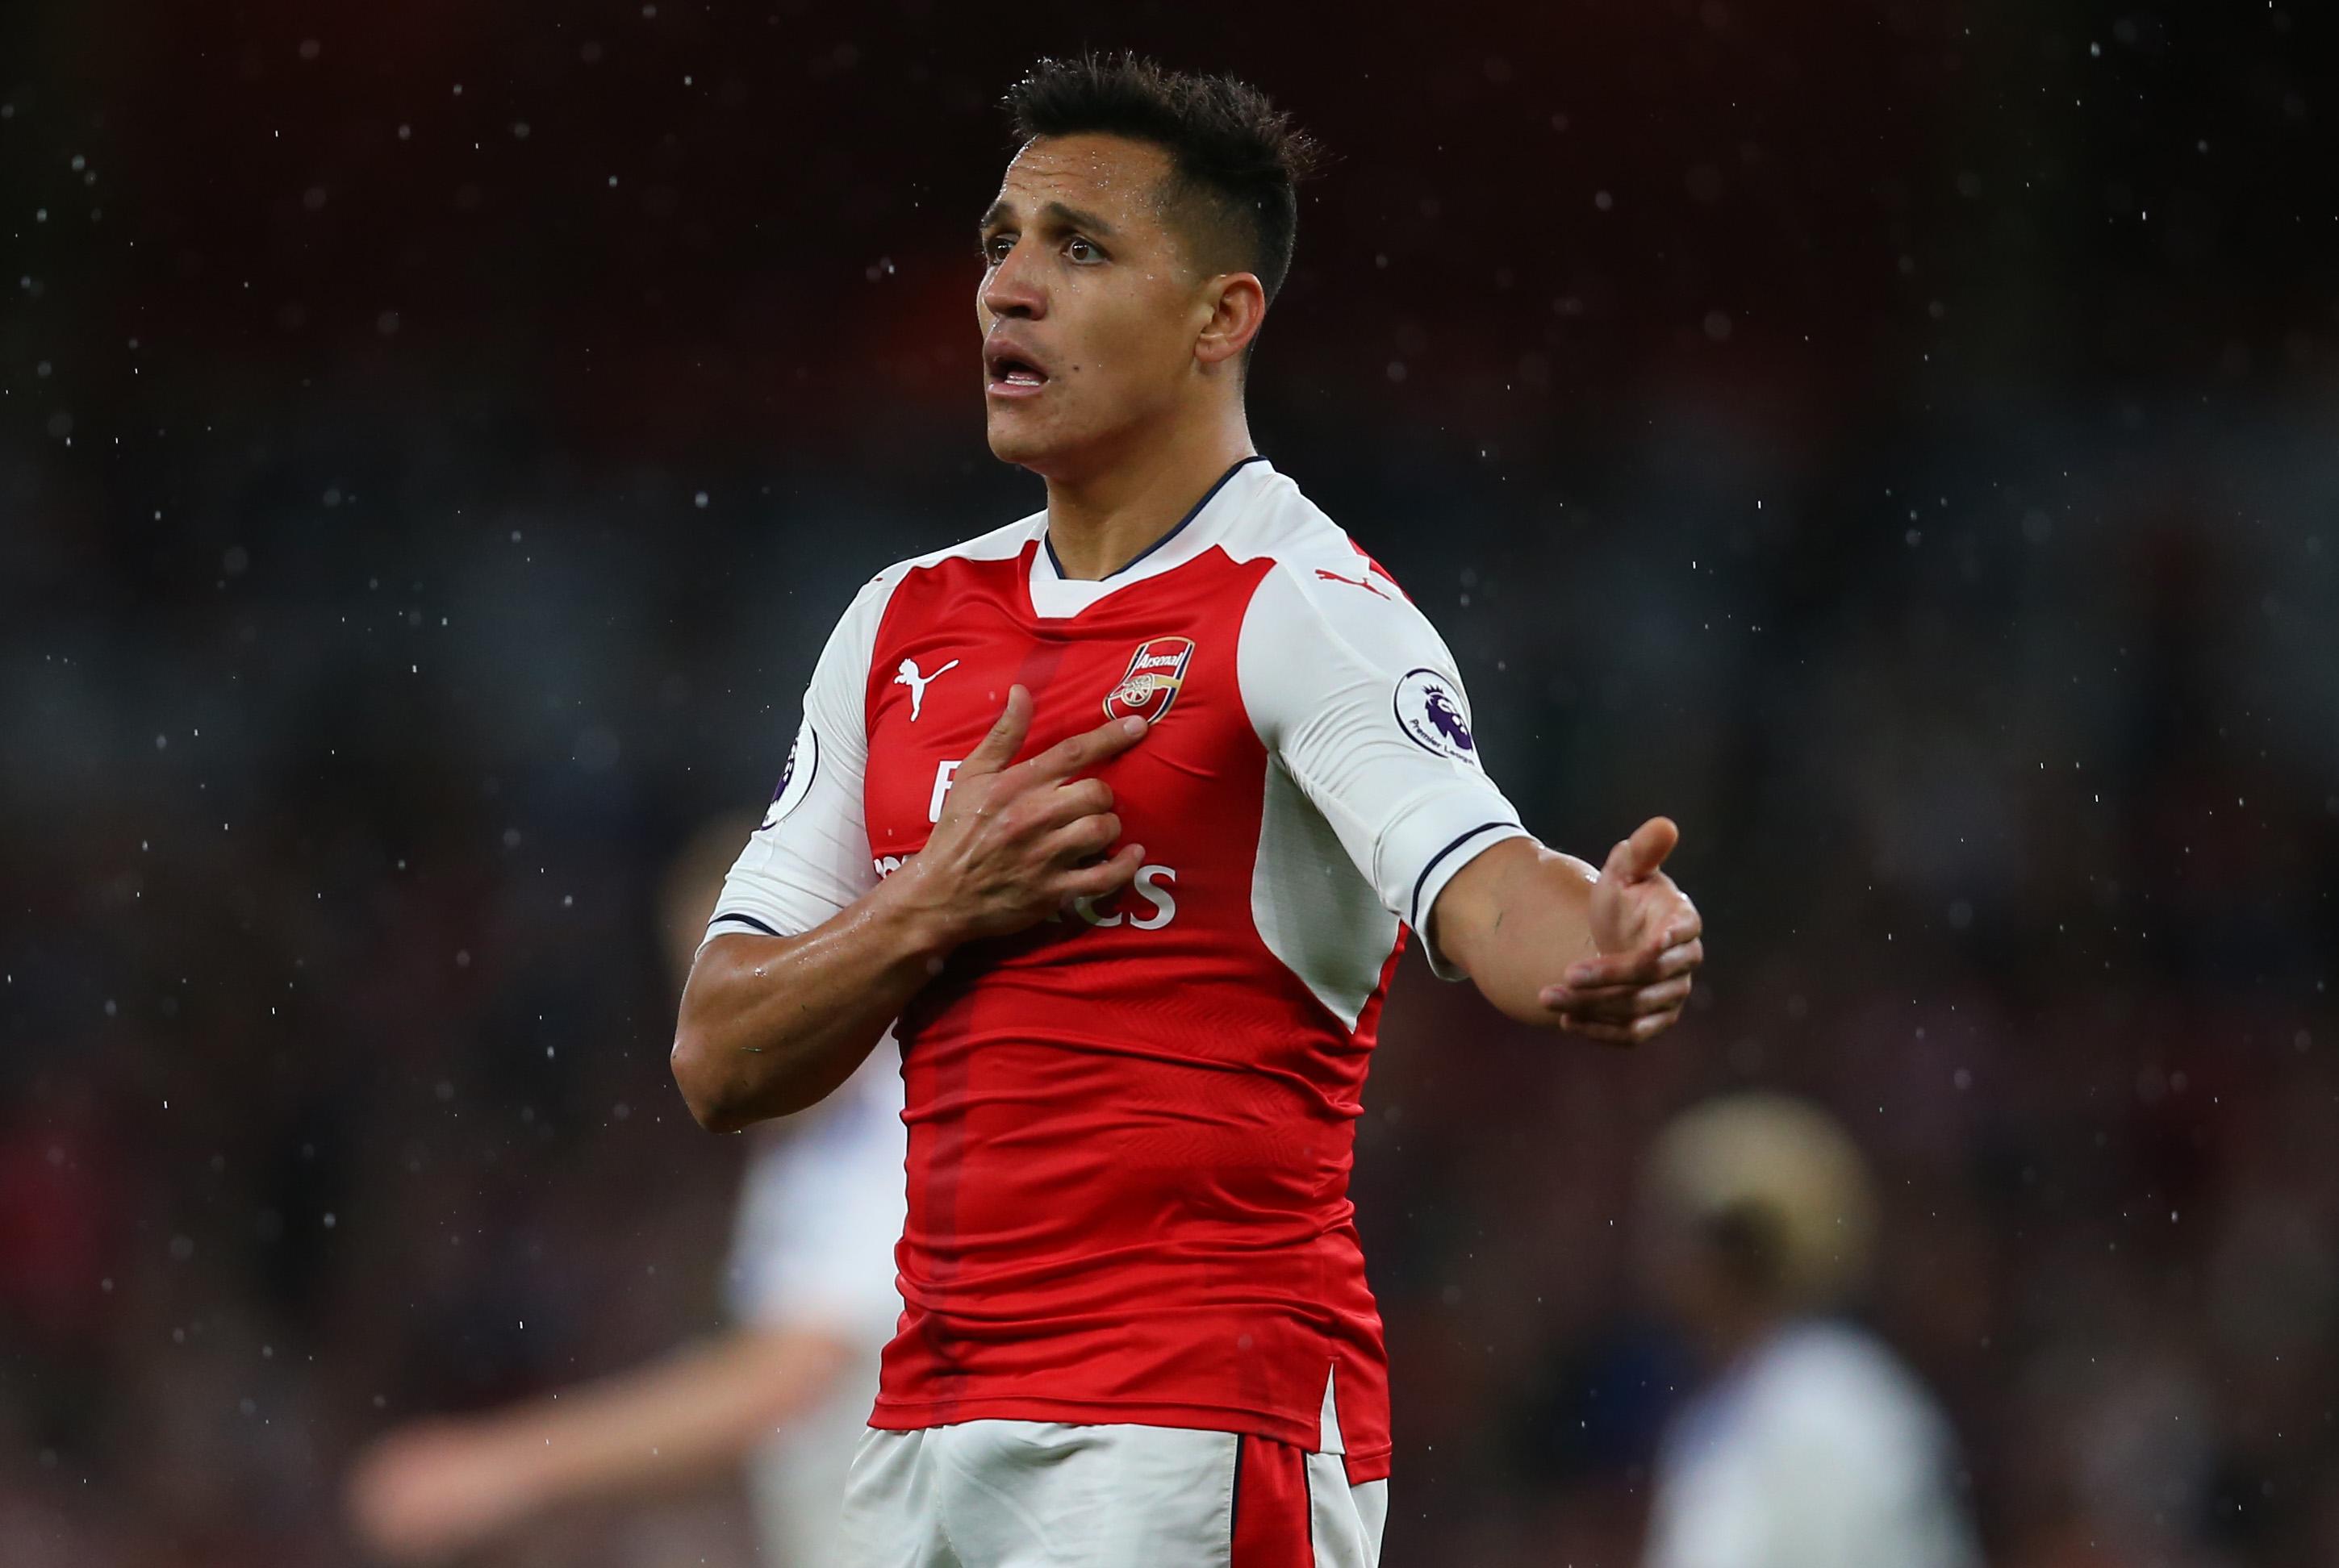 Alexis Sanchez contacted by Neymar and Dani Alves about joining Paris Saint-Germain